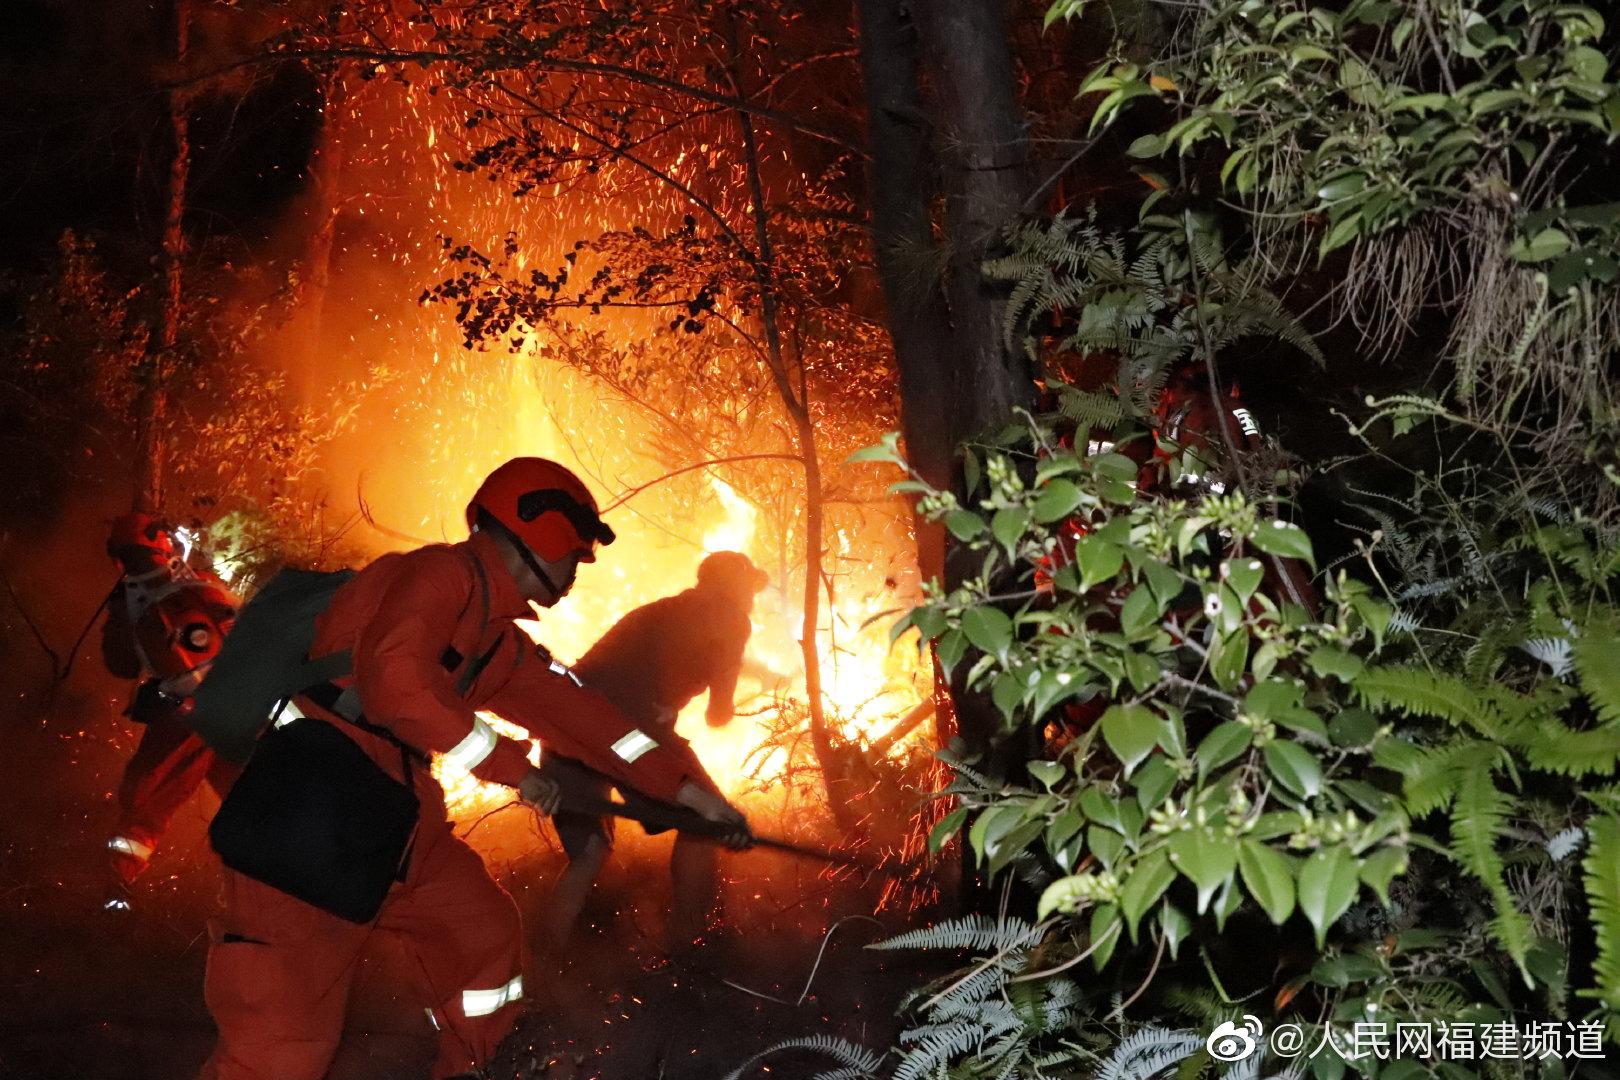 福建武夷山突发火灾 森林消防和消防救援队伍协同开展救援